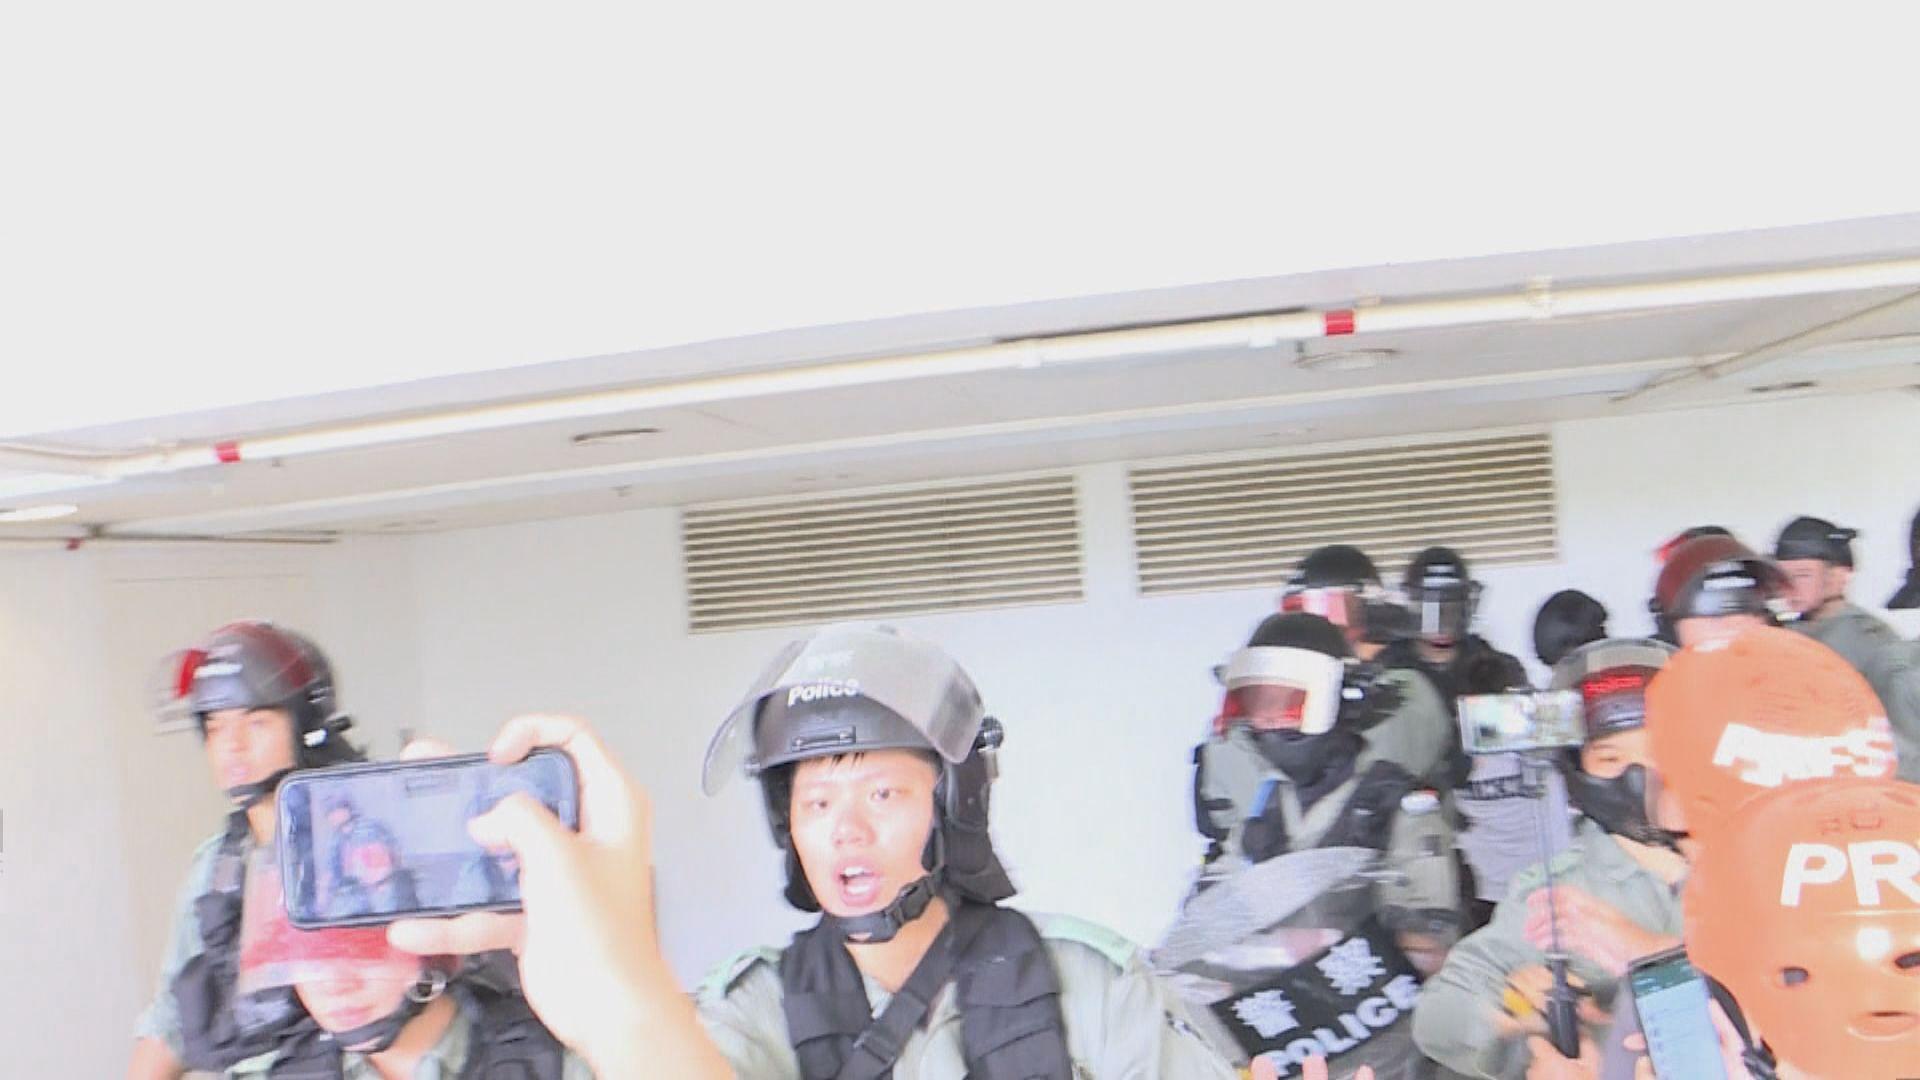 沙田大埔屯門有人聚集 防暴警出動帶走多人